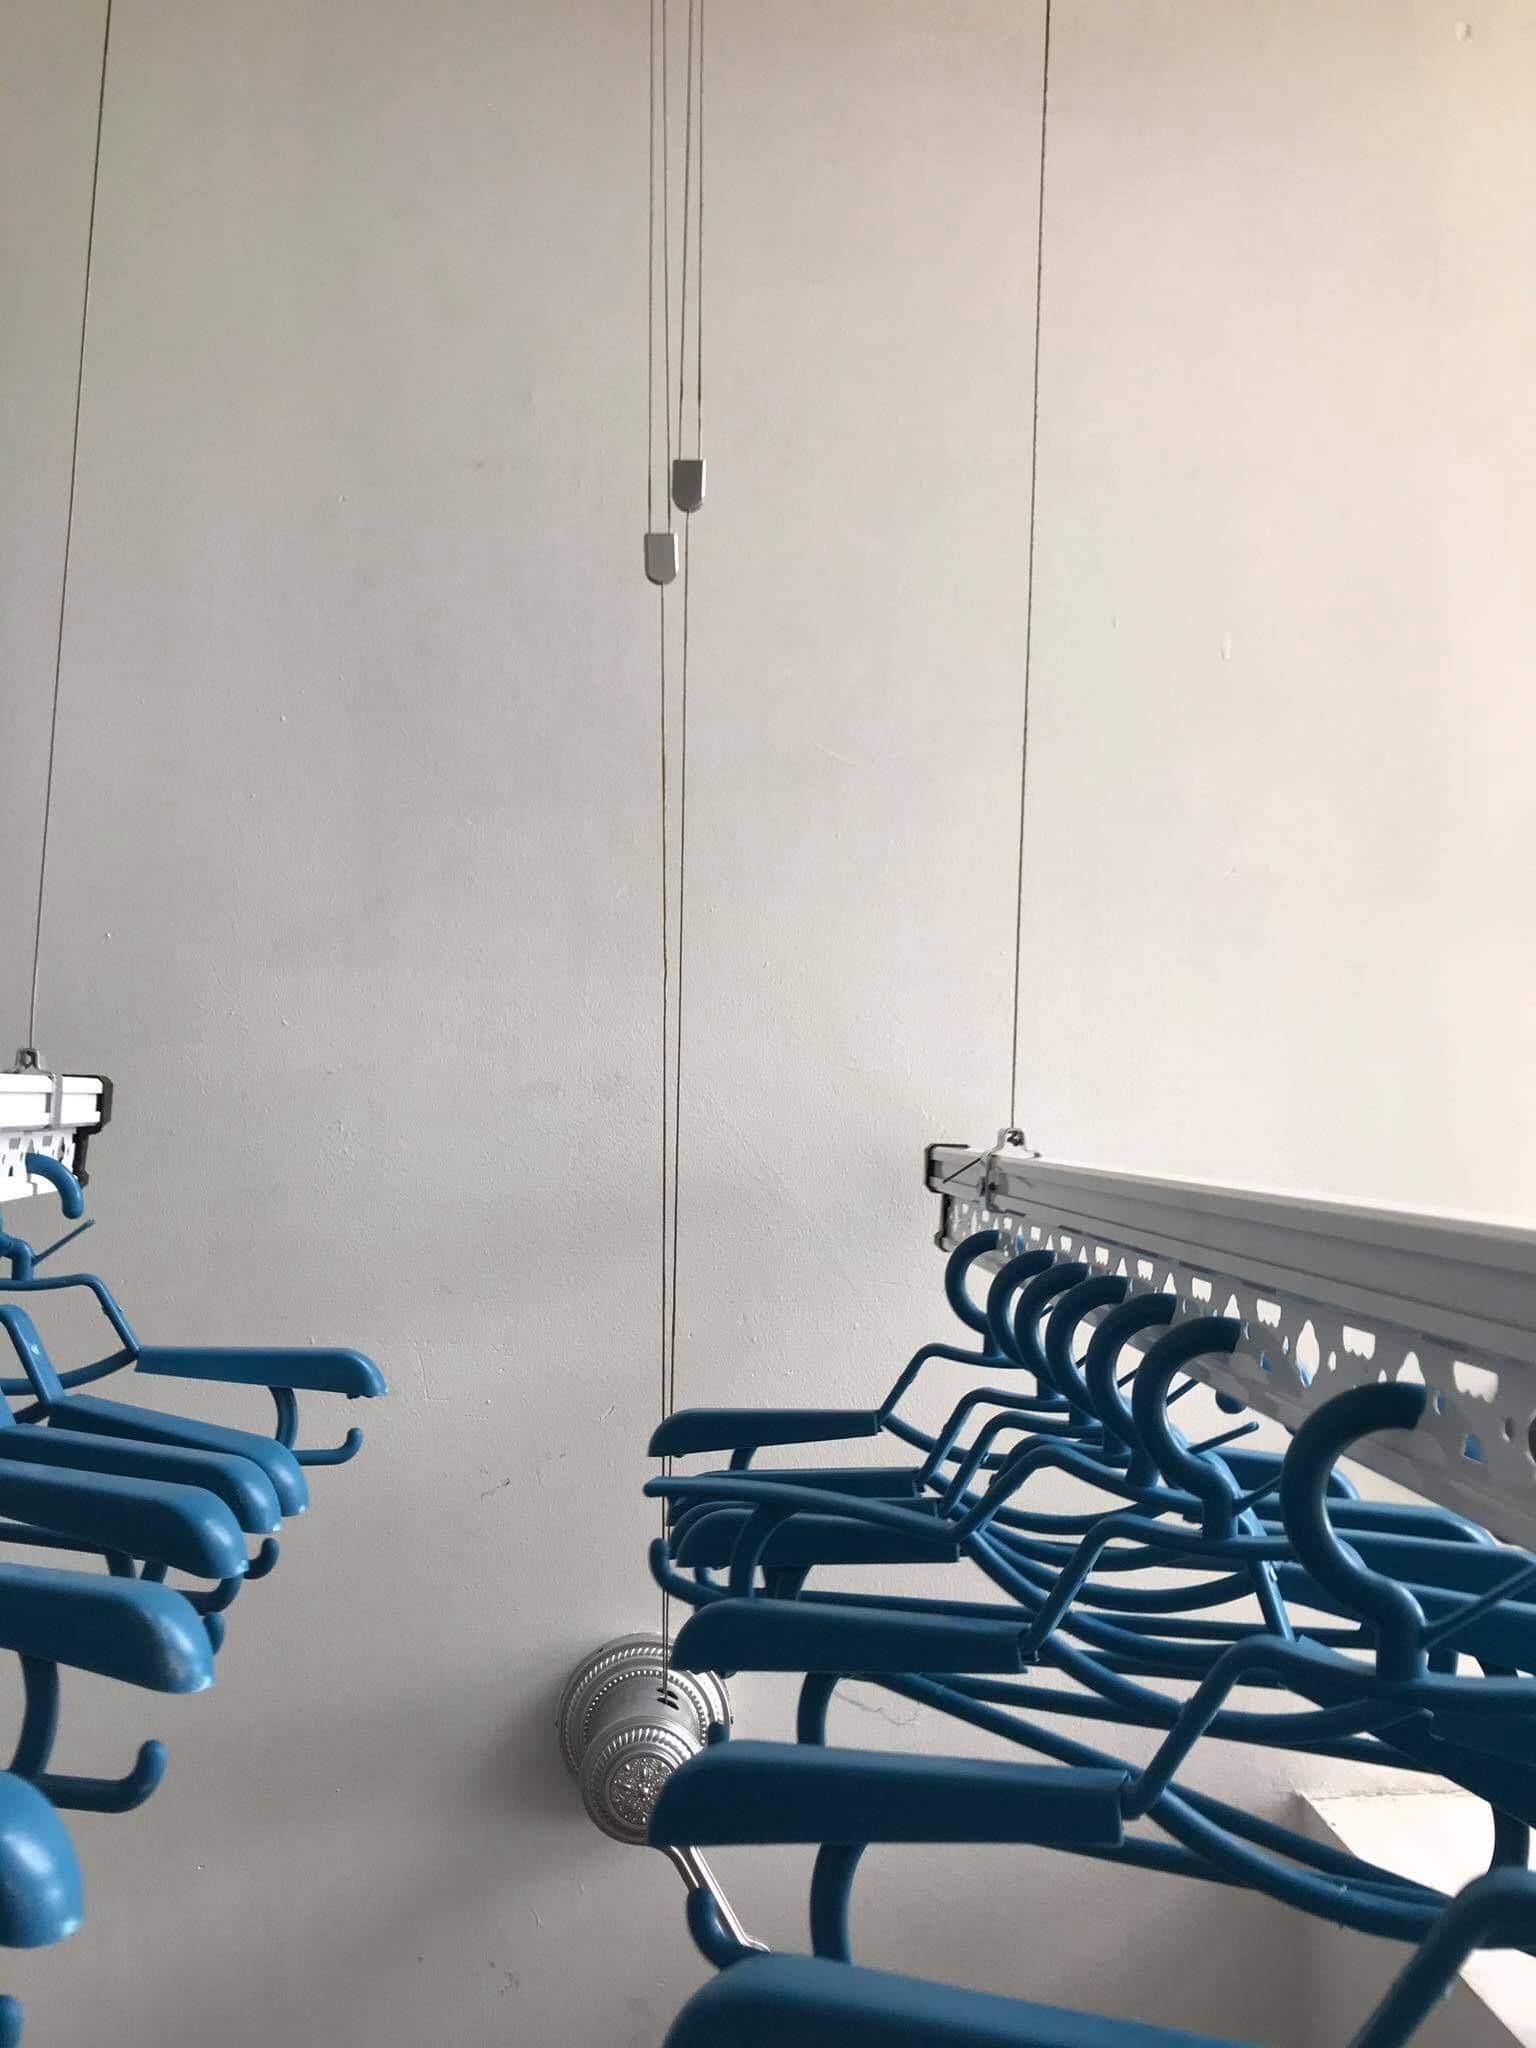 Lắp giàn phơi thông minh tại KĐT Sài Đồng, Long Biên nhà chị Lệ - 03